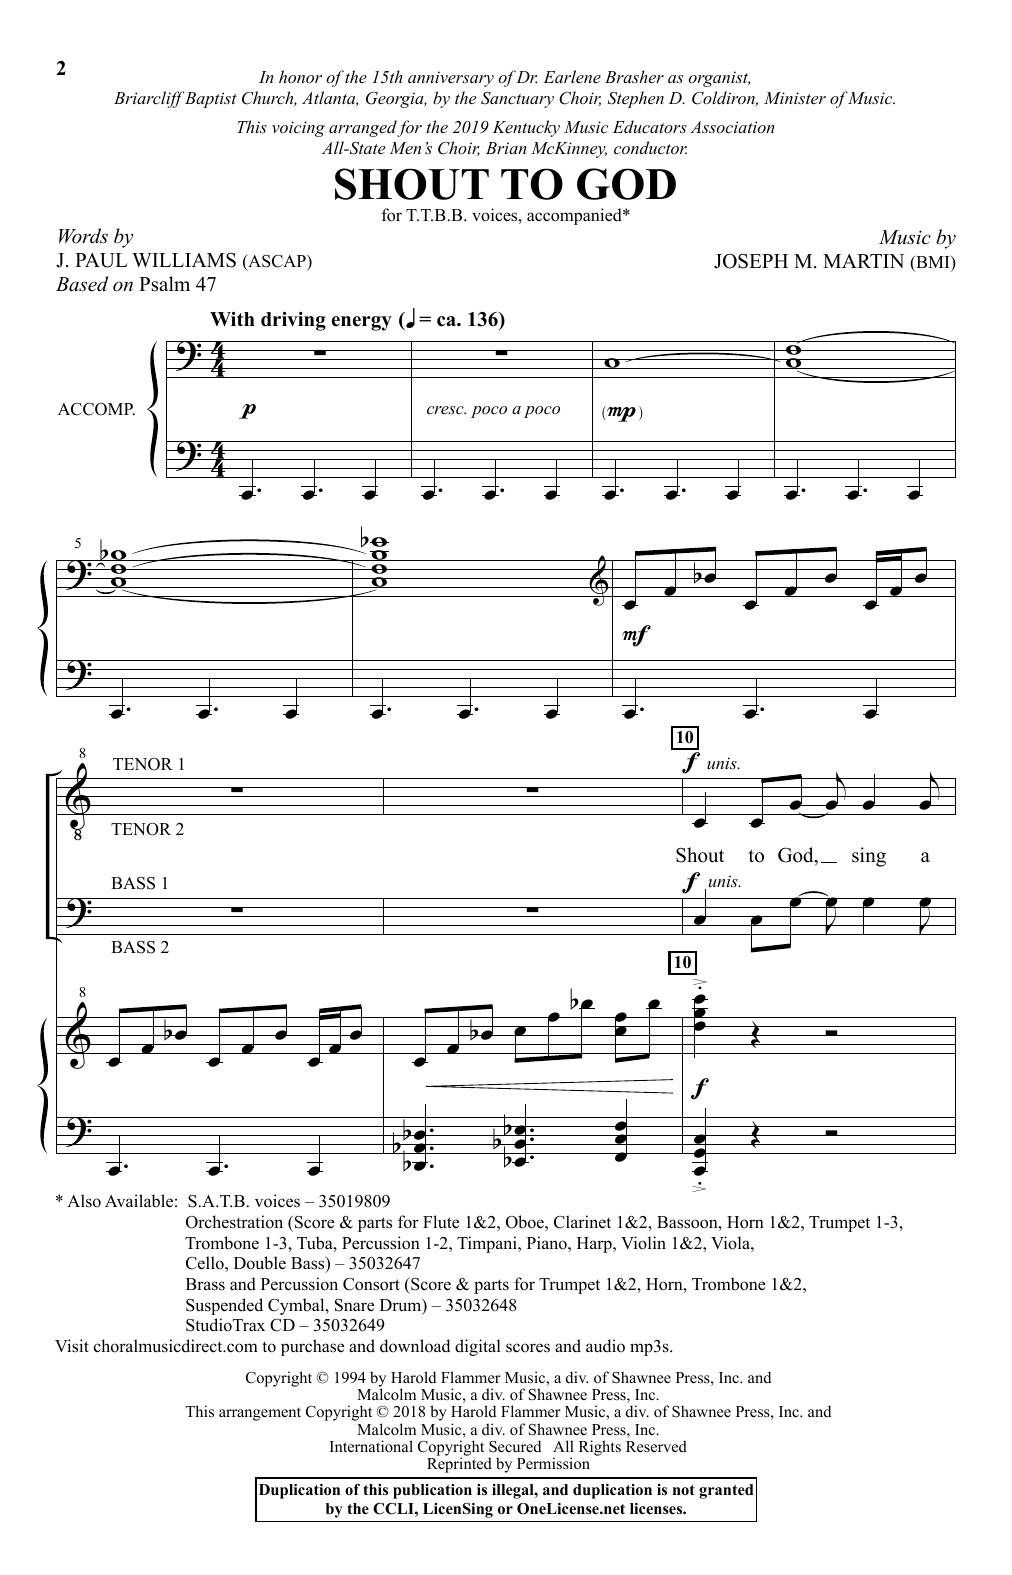 Shout To God (TTBB Choir)